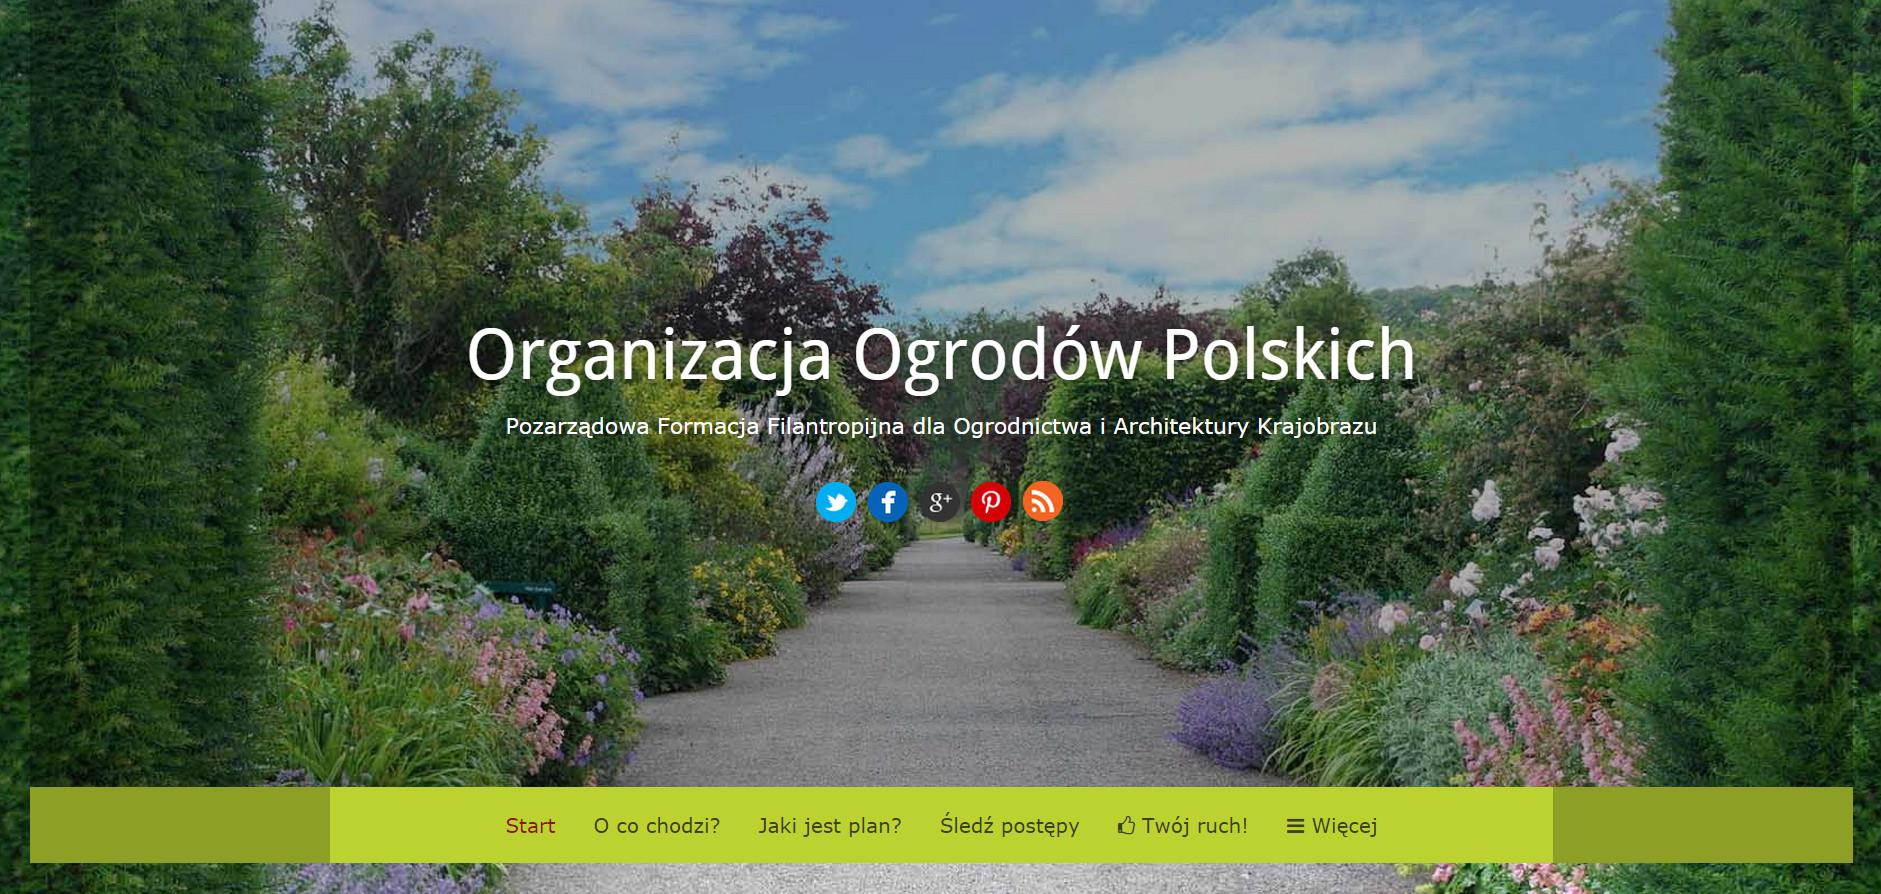 ORGANIZACJA OGRODÓW POLSKICH – popieramy ludzi z pasją